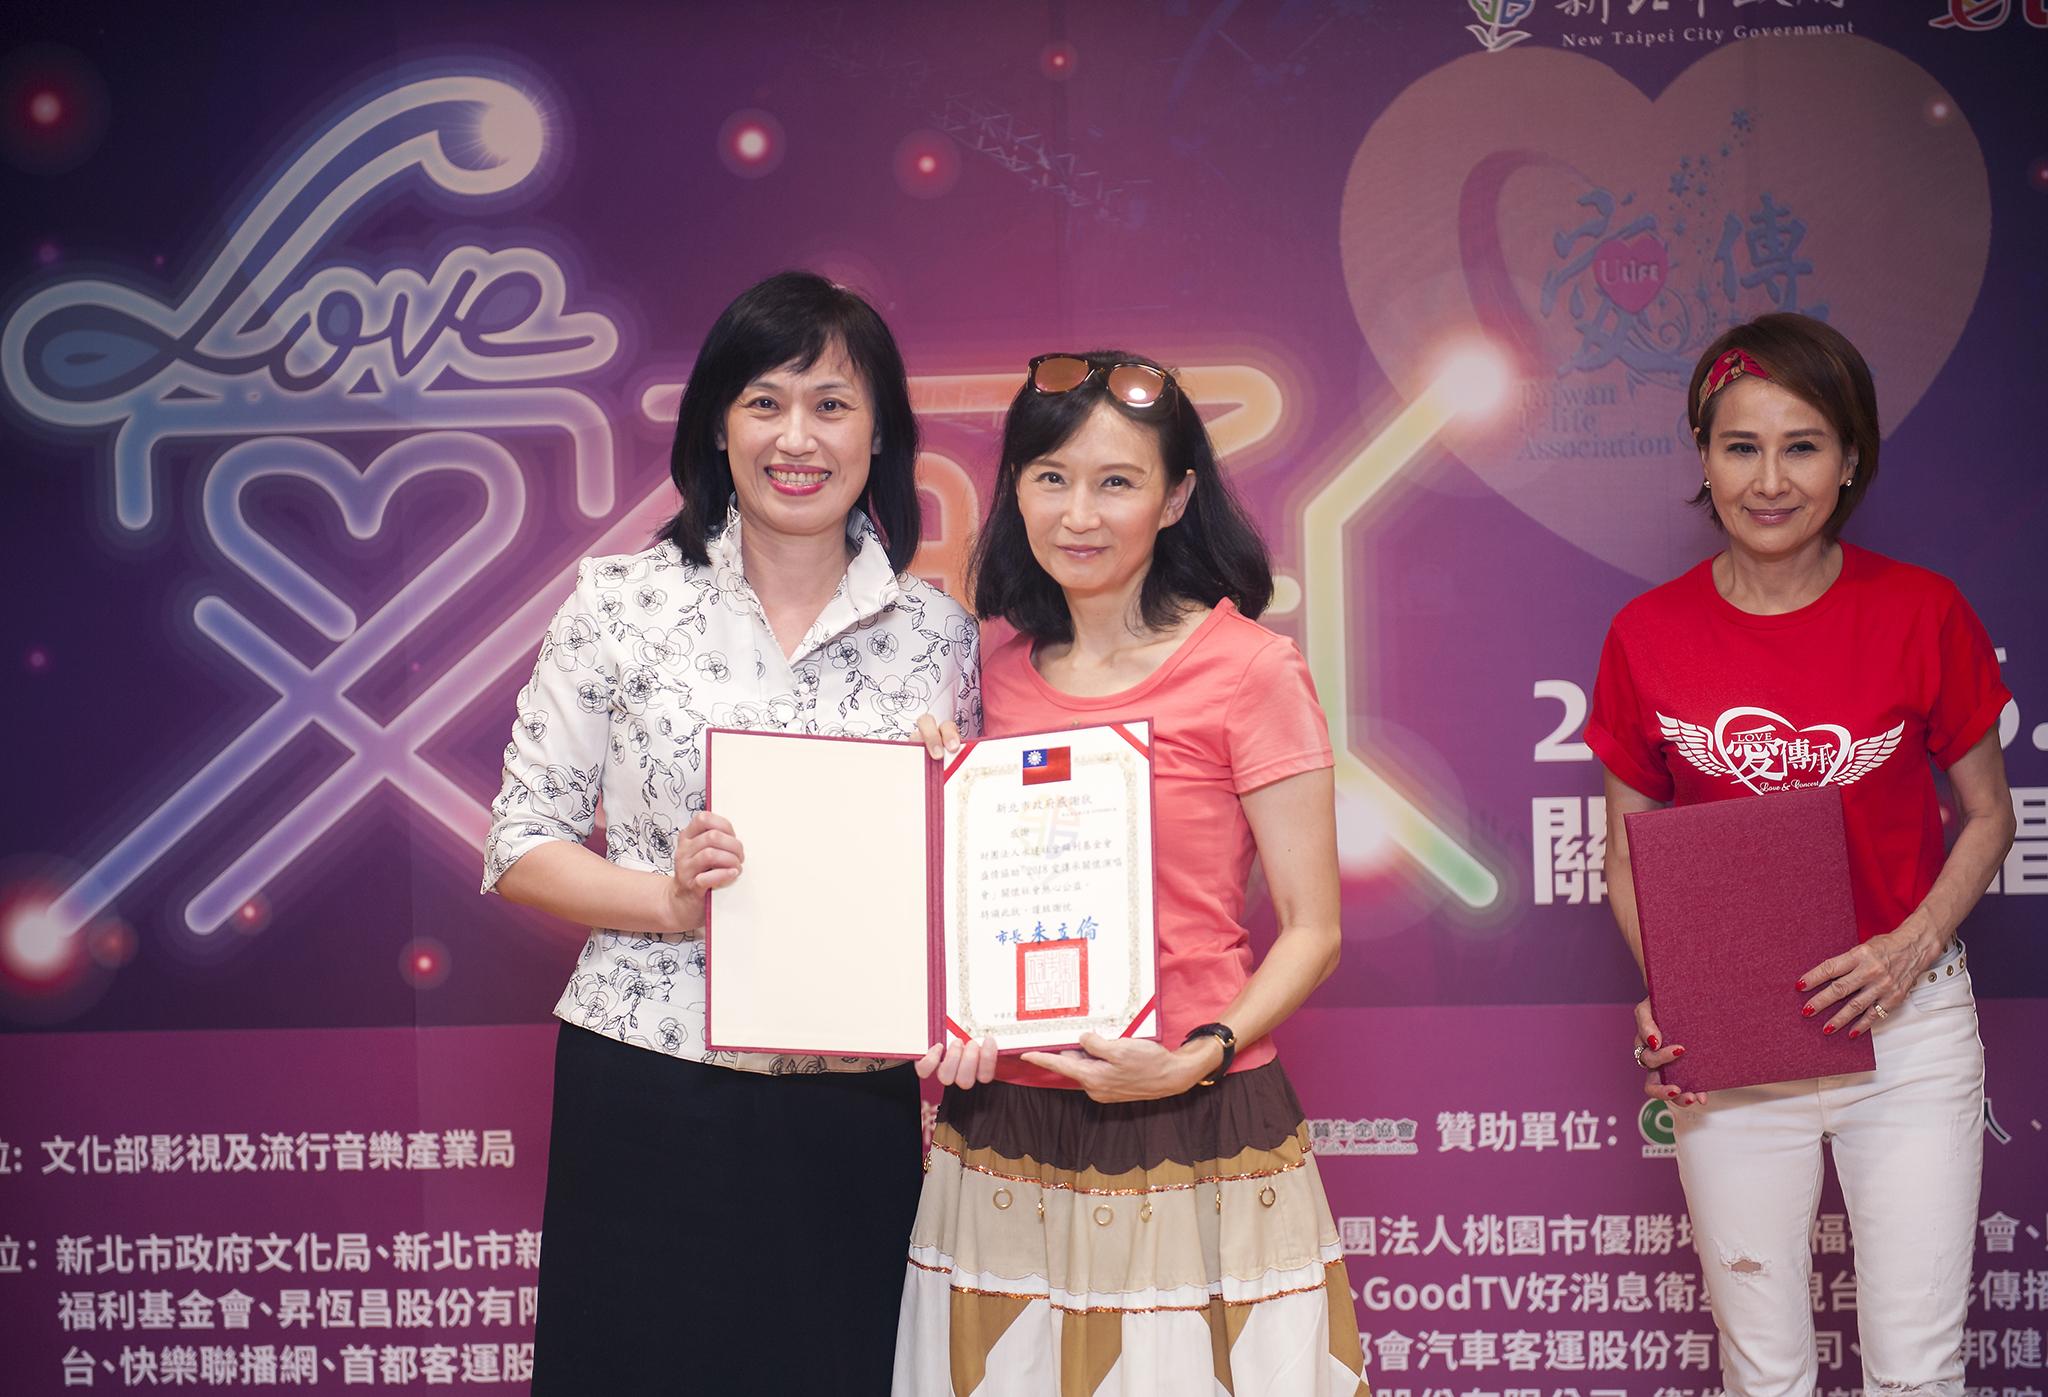 永達社福基金會執行長汪用和(左二)代表出席受贈感謝狀。